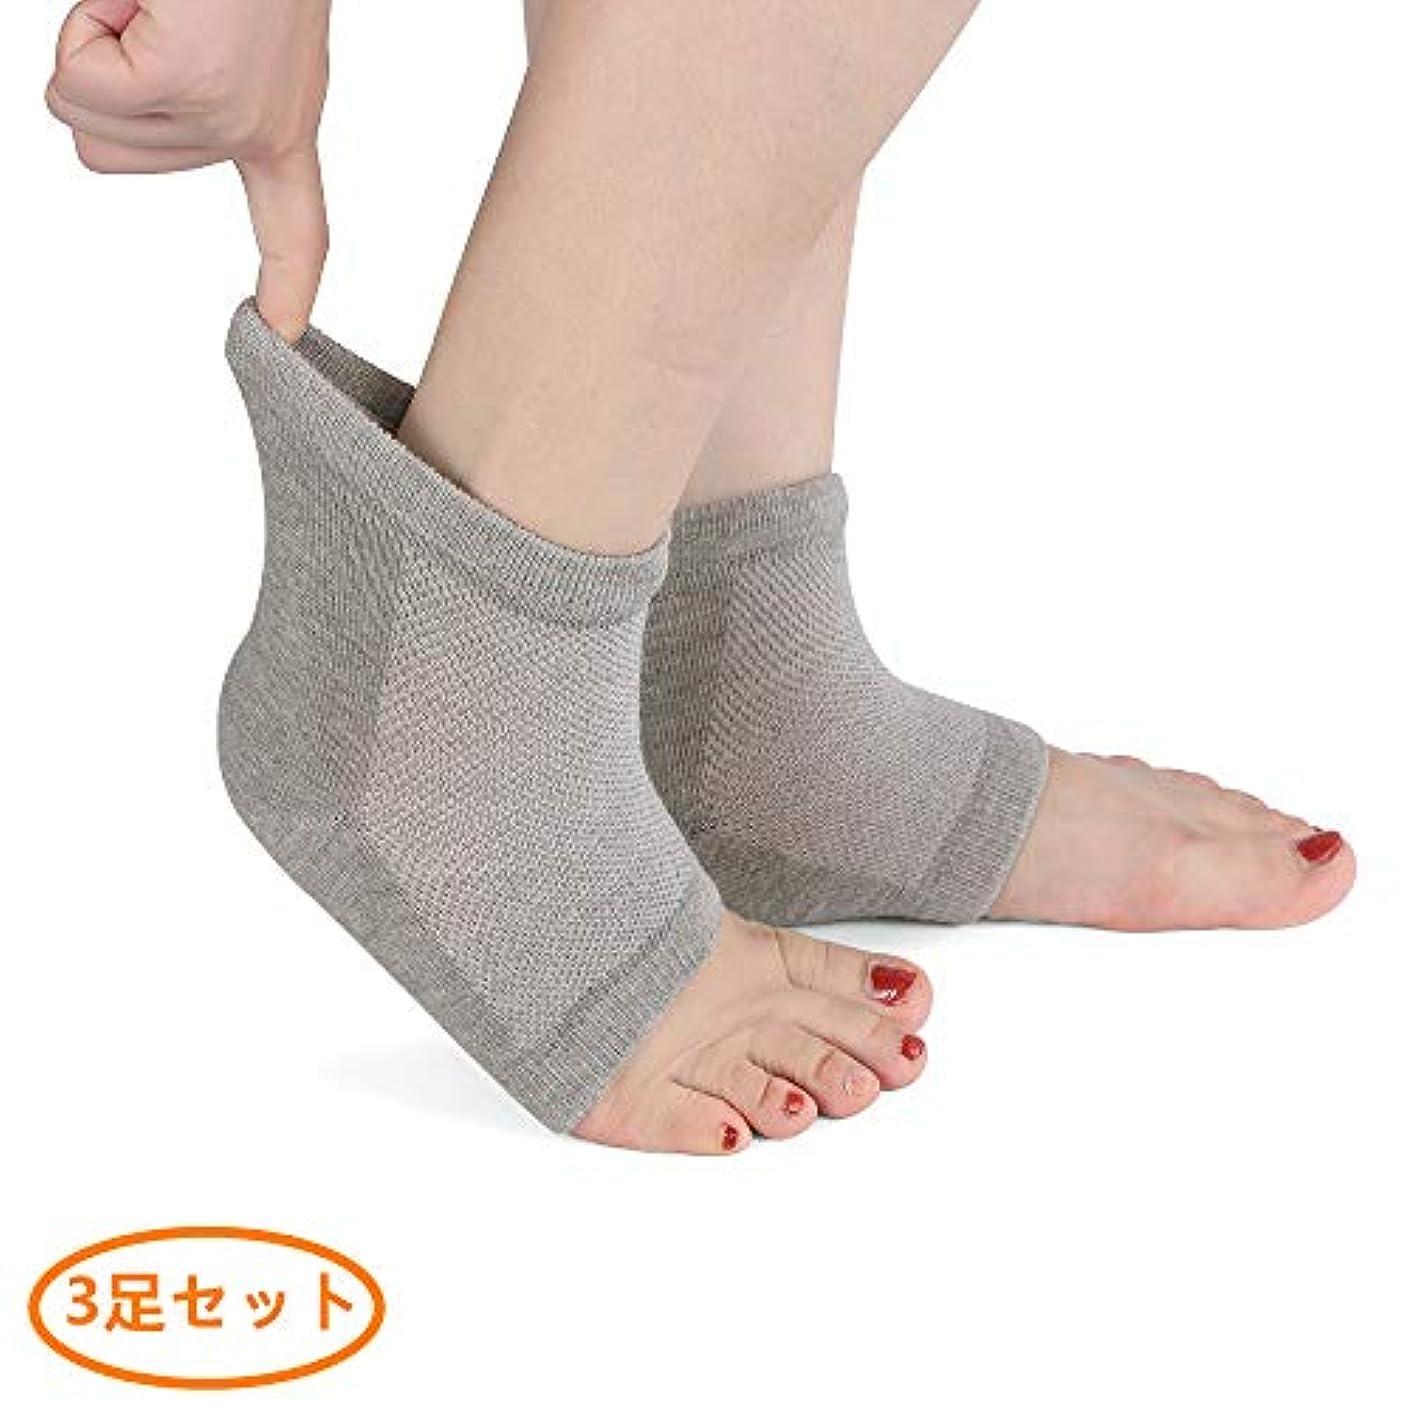 黒板熱望する医薬YUANSHOP1 かかとケア ソックス 3足セット かかと靴下 レディース メンズ ひび割れケア/角質除去/保湿/美容 足SPA 足ケア フリーサイズ (グレー)